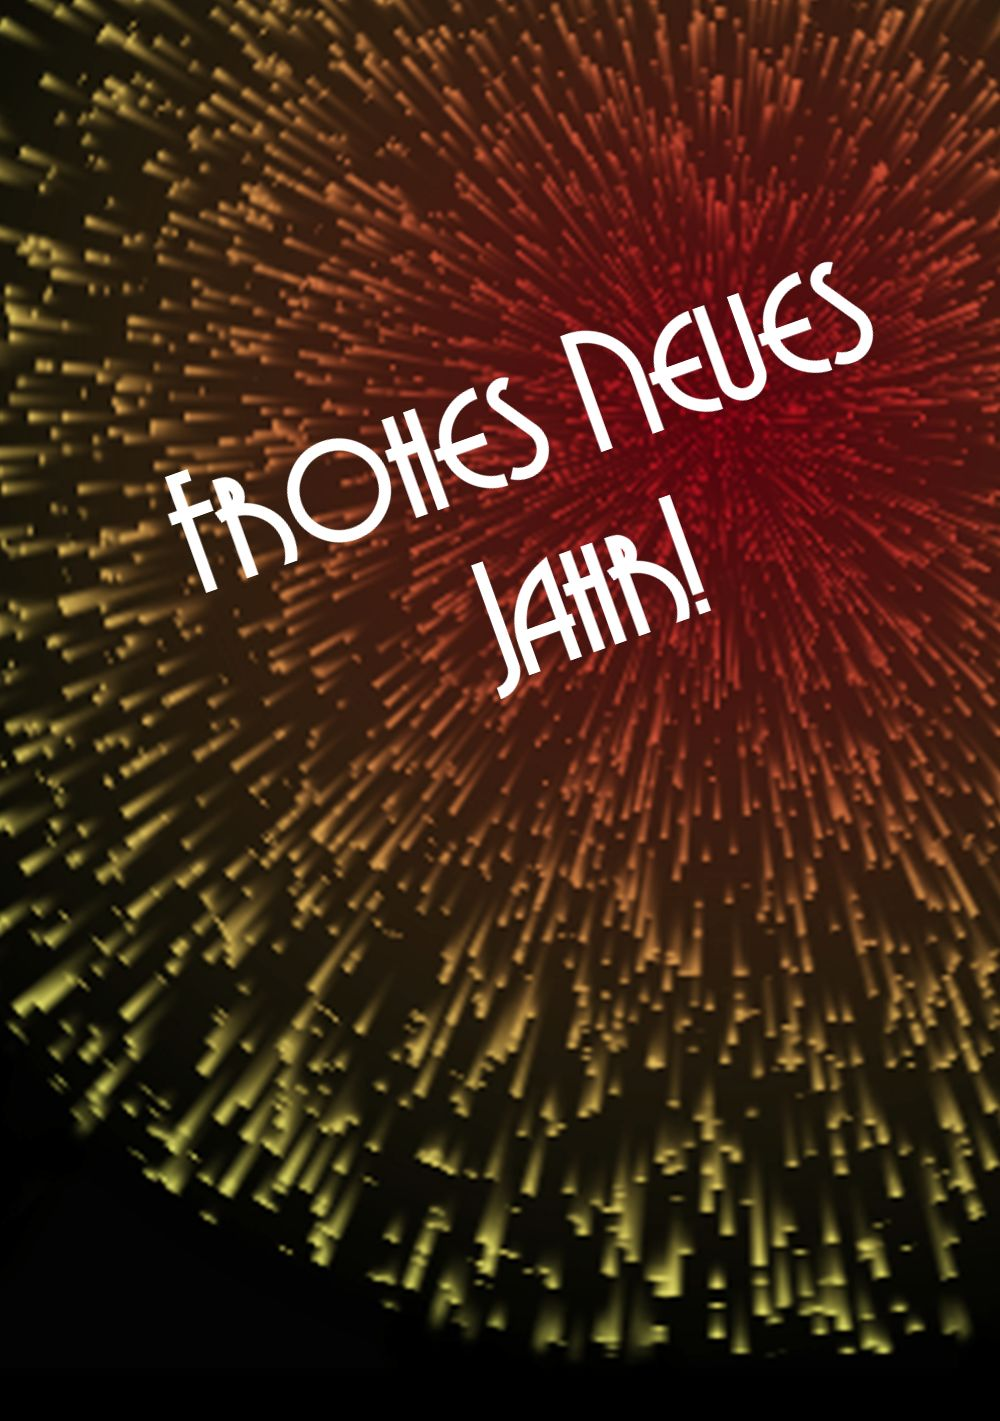 Ansicht 4 - Neujahrskarte Countdown